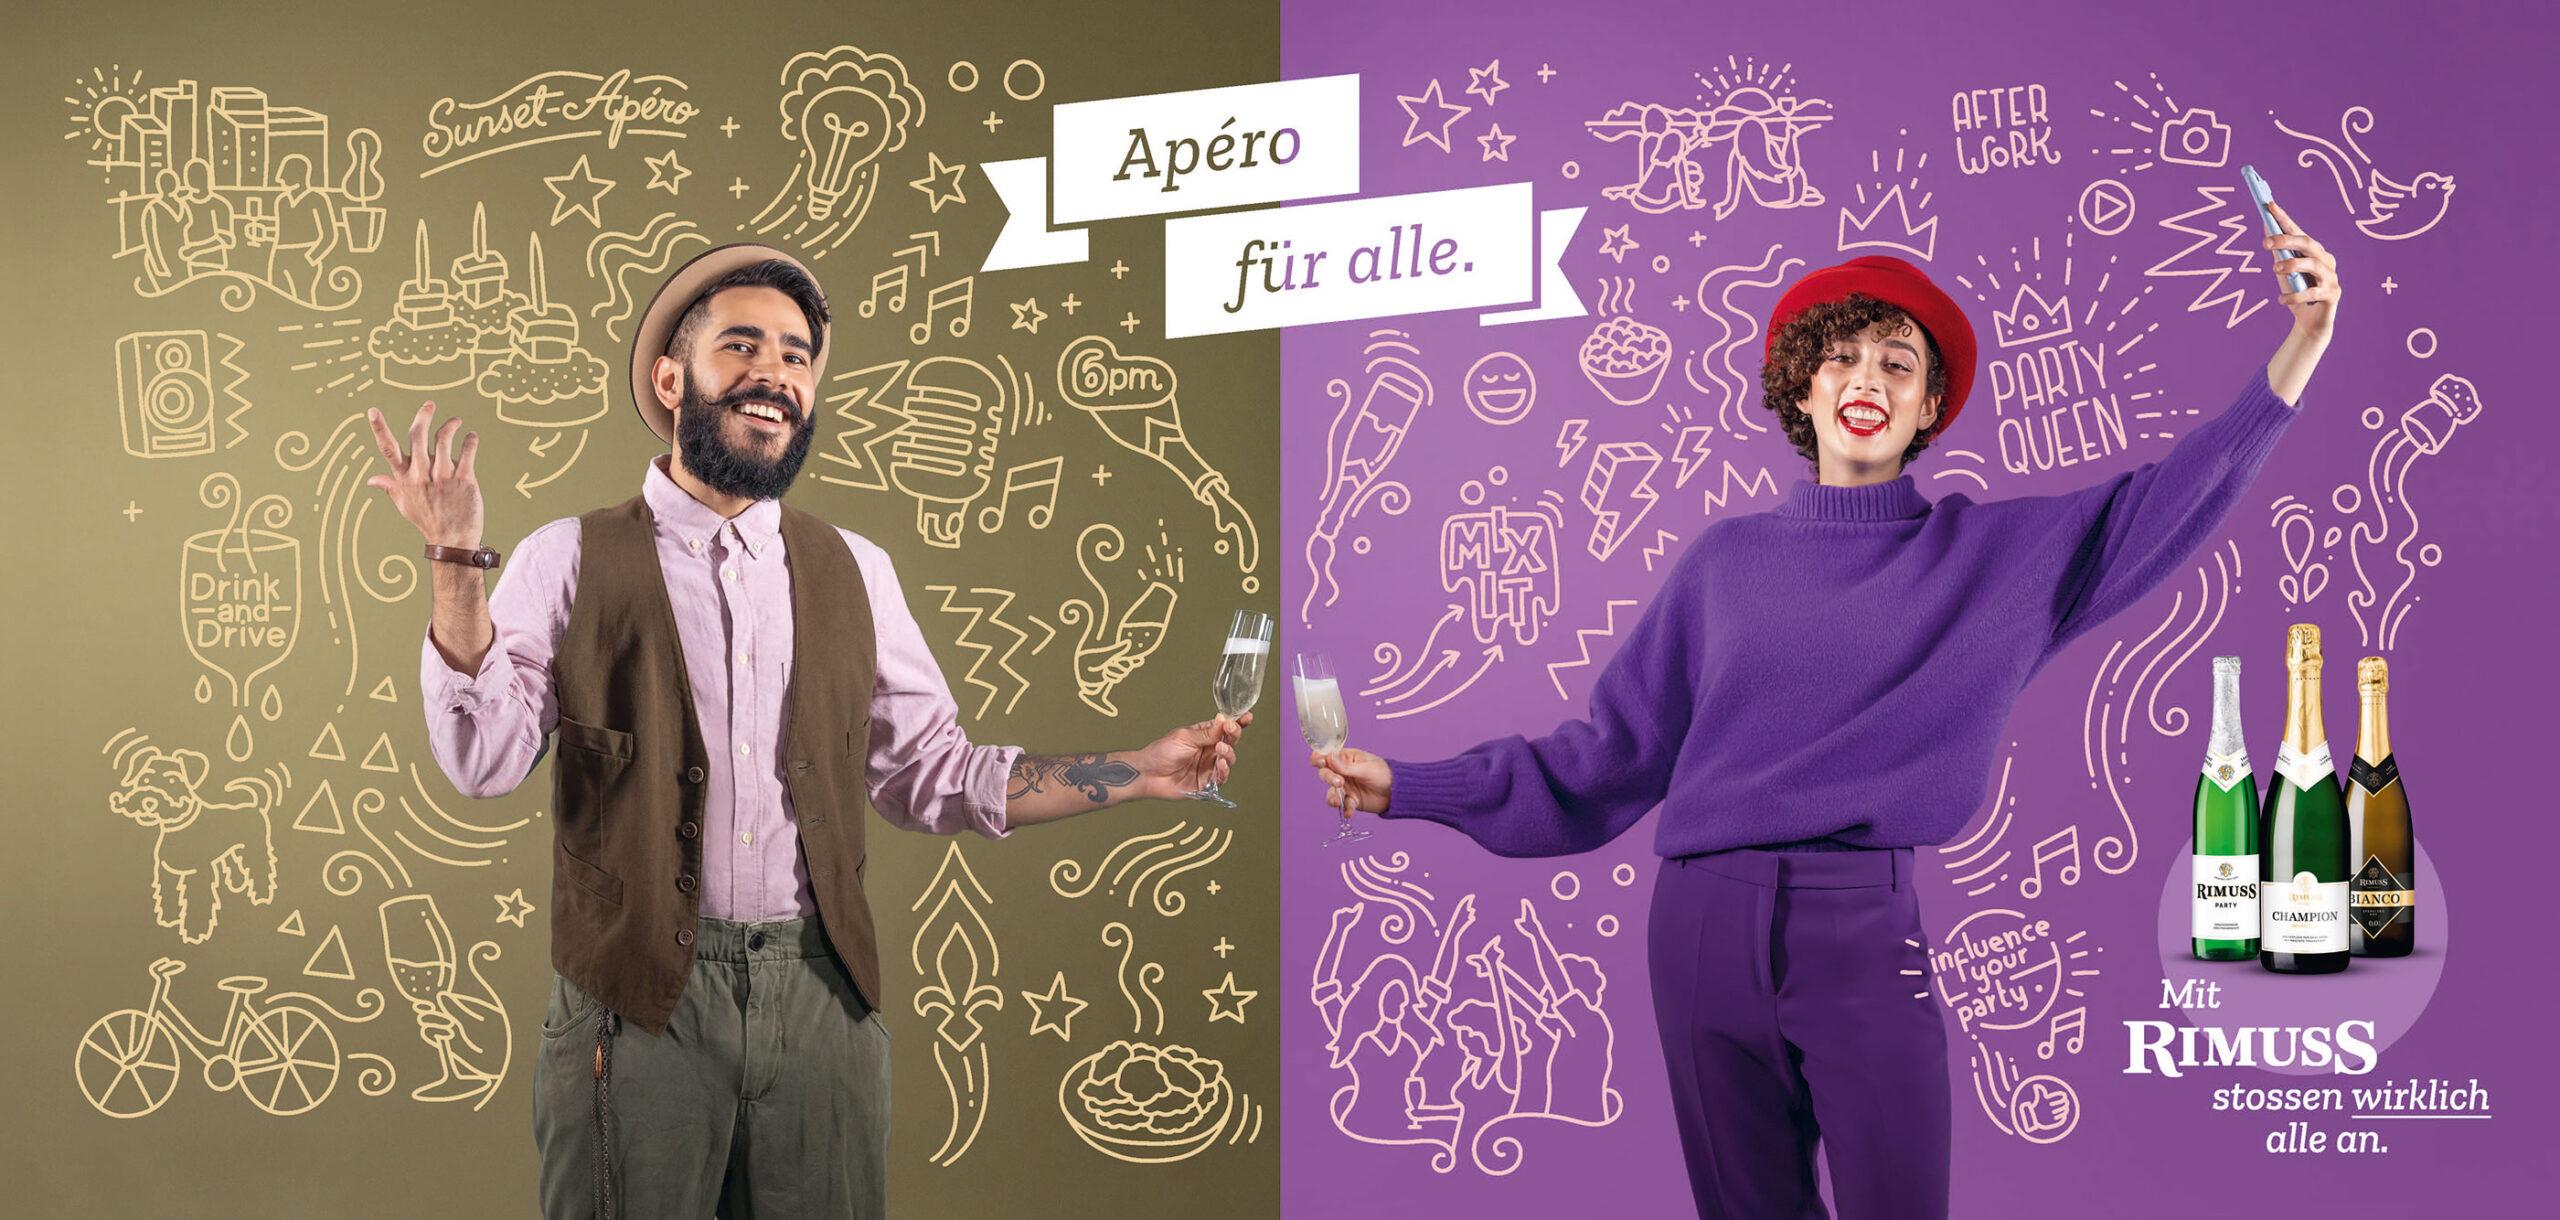 Rimuss Plakat Kampagne mit Hipster und Influencerin, welche anstossen mit Illustrationen